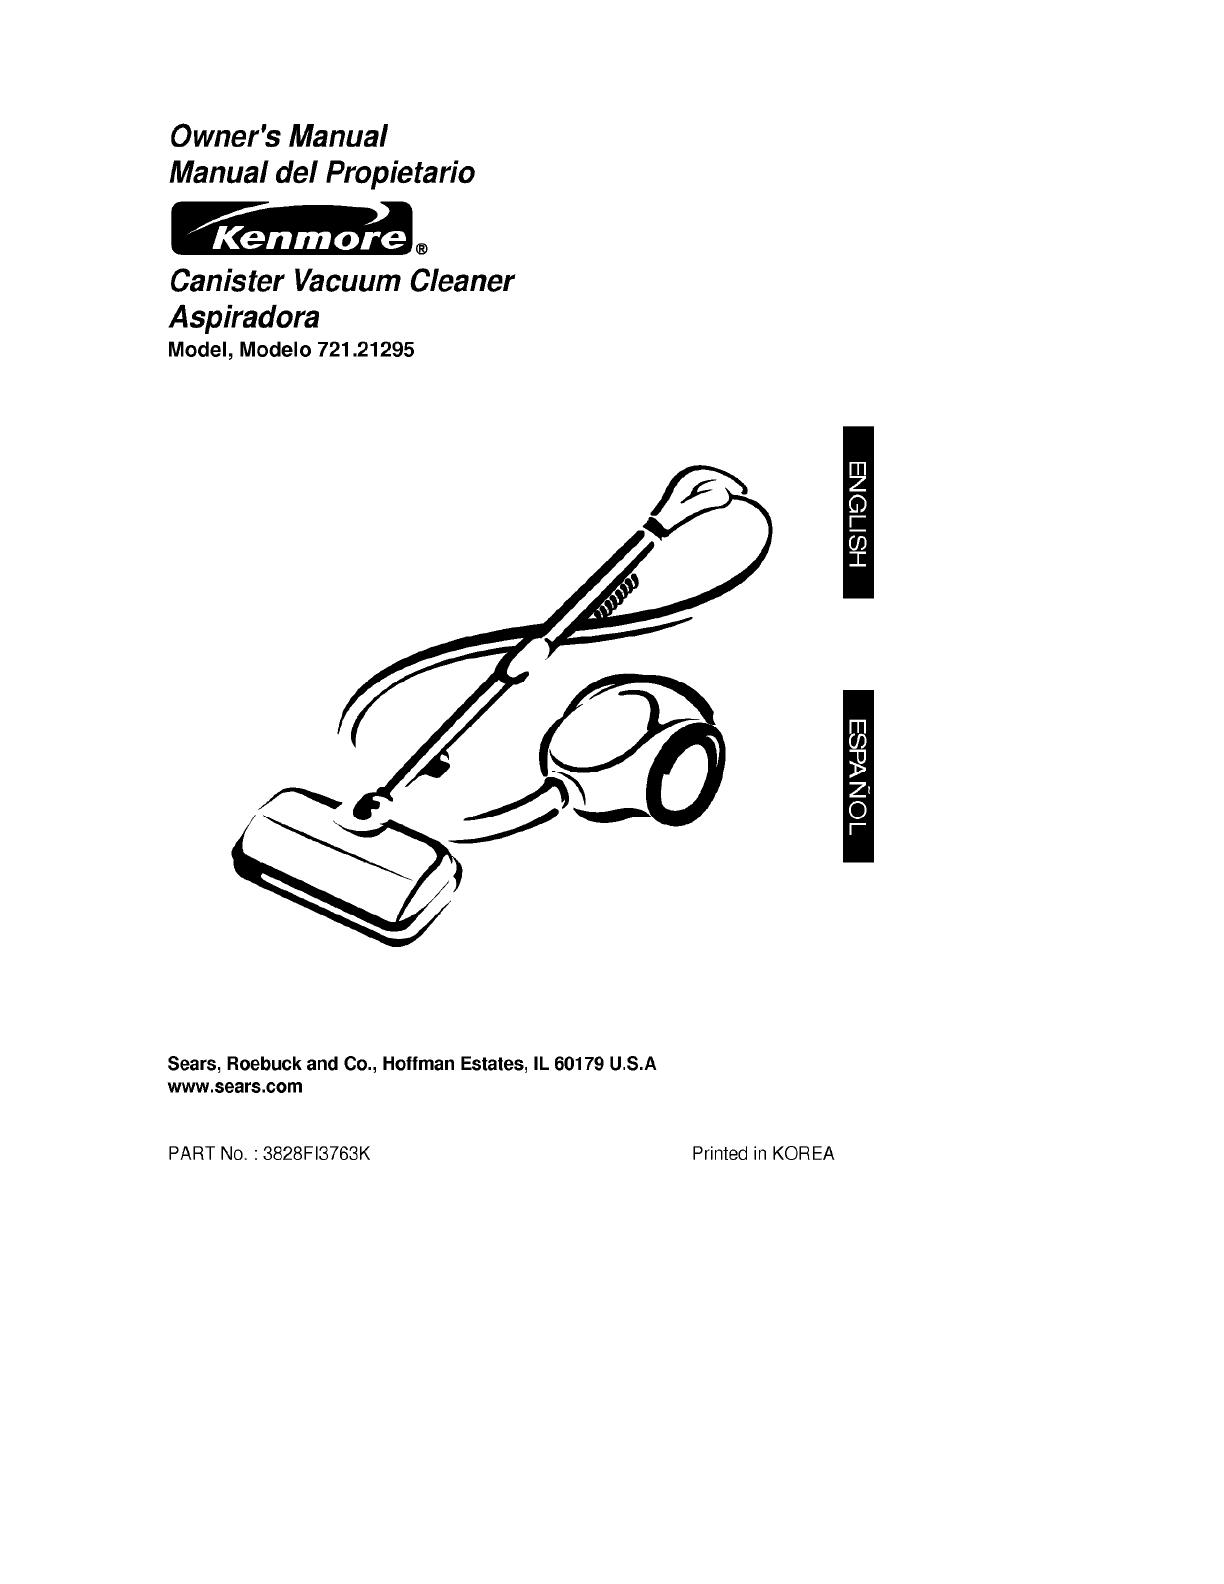 Kenmore 72121295000 User Manual CANISTER VACUUM Manuals